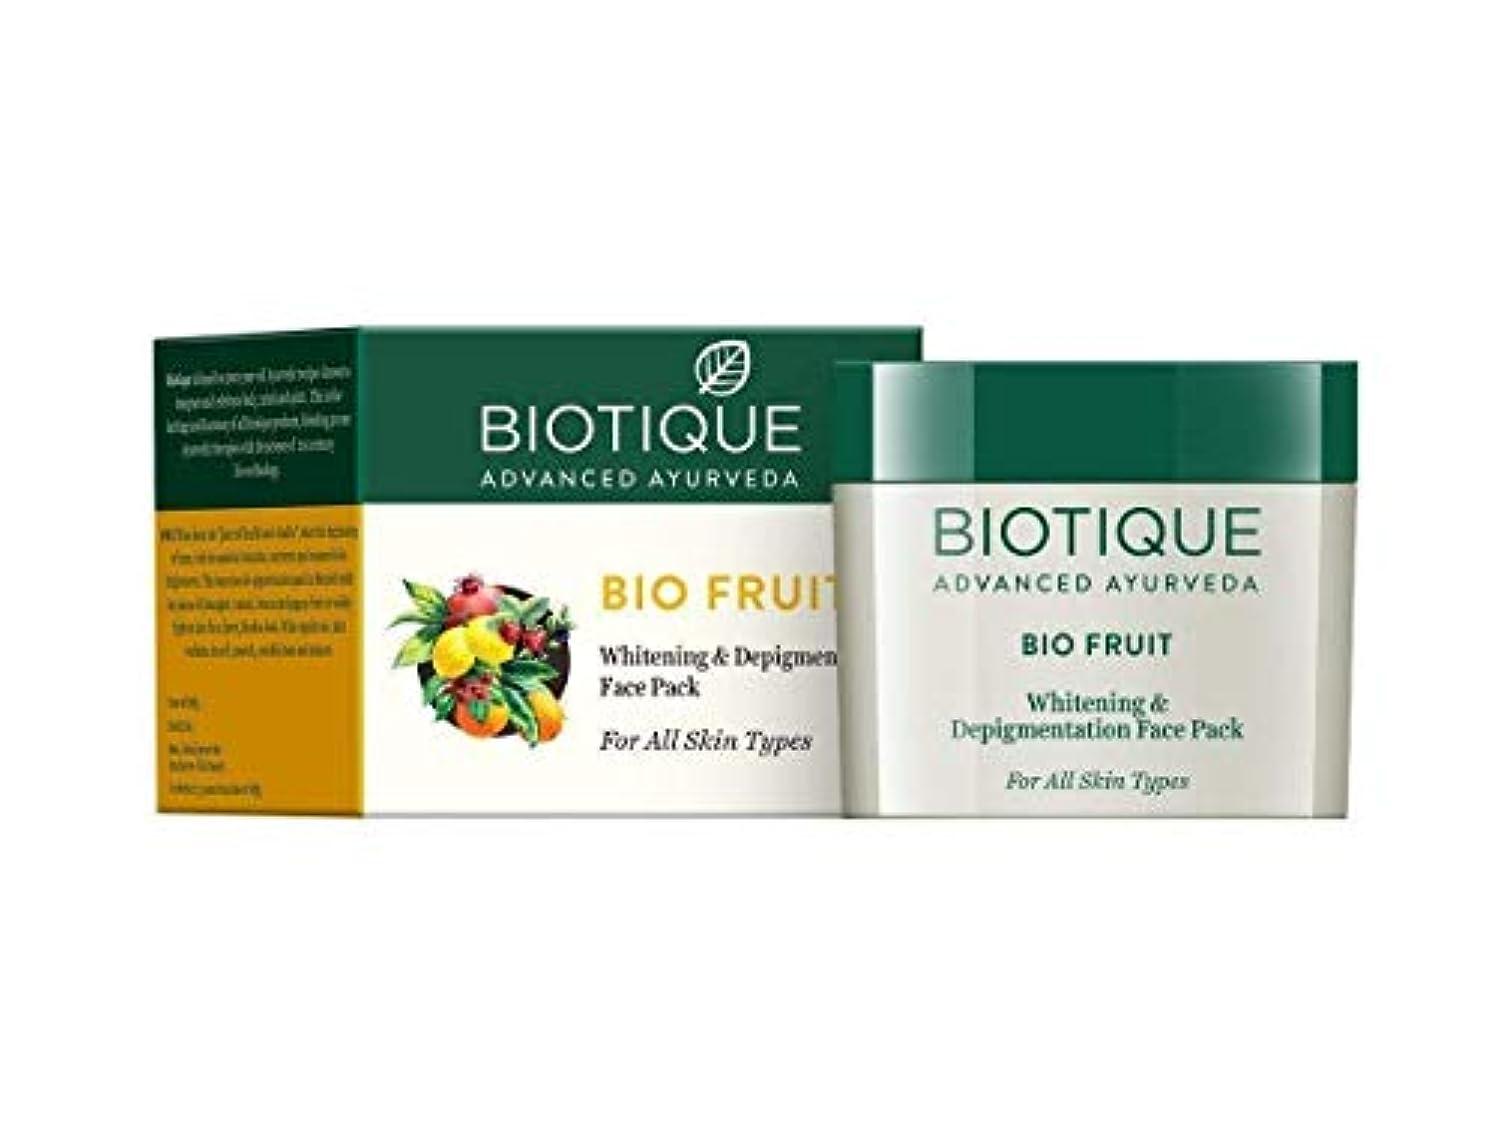 もつれ深い覚えているBiotique Fruit Whitening & Depigmentation Face Pack 75g soft smooth Skin tone ビオティックフルーツホワイトニング&デピグメントフェイスパックソフトスムーススキントーン